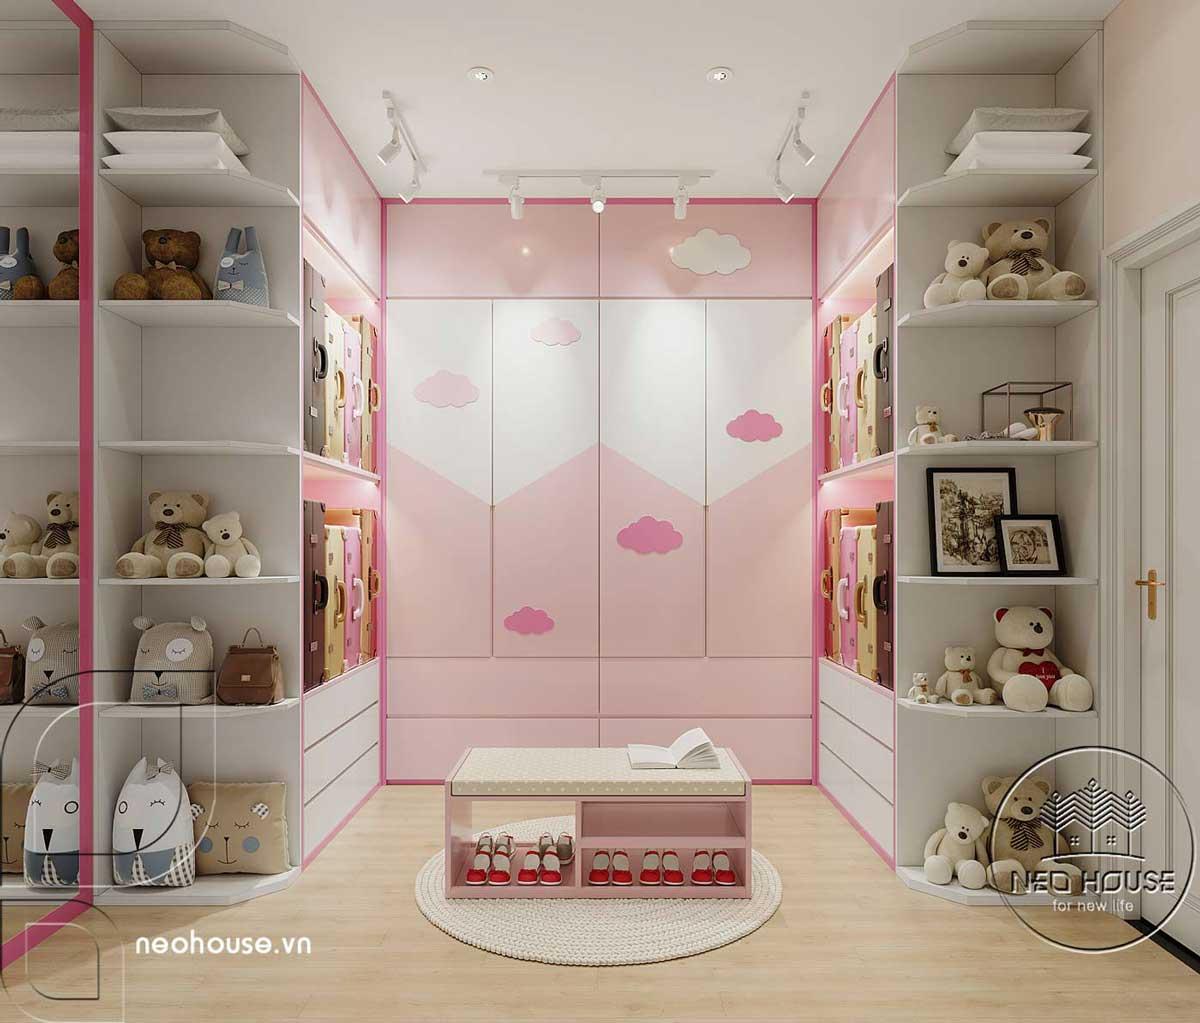 Phối cảnh thiết kế nội thất biệt thự tân cổ điển đẹp 4 tầng cho phòng ngủ Master 02. Ảnh 4